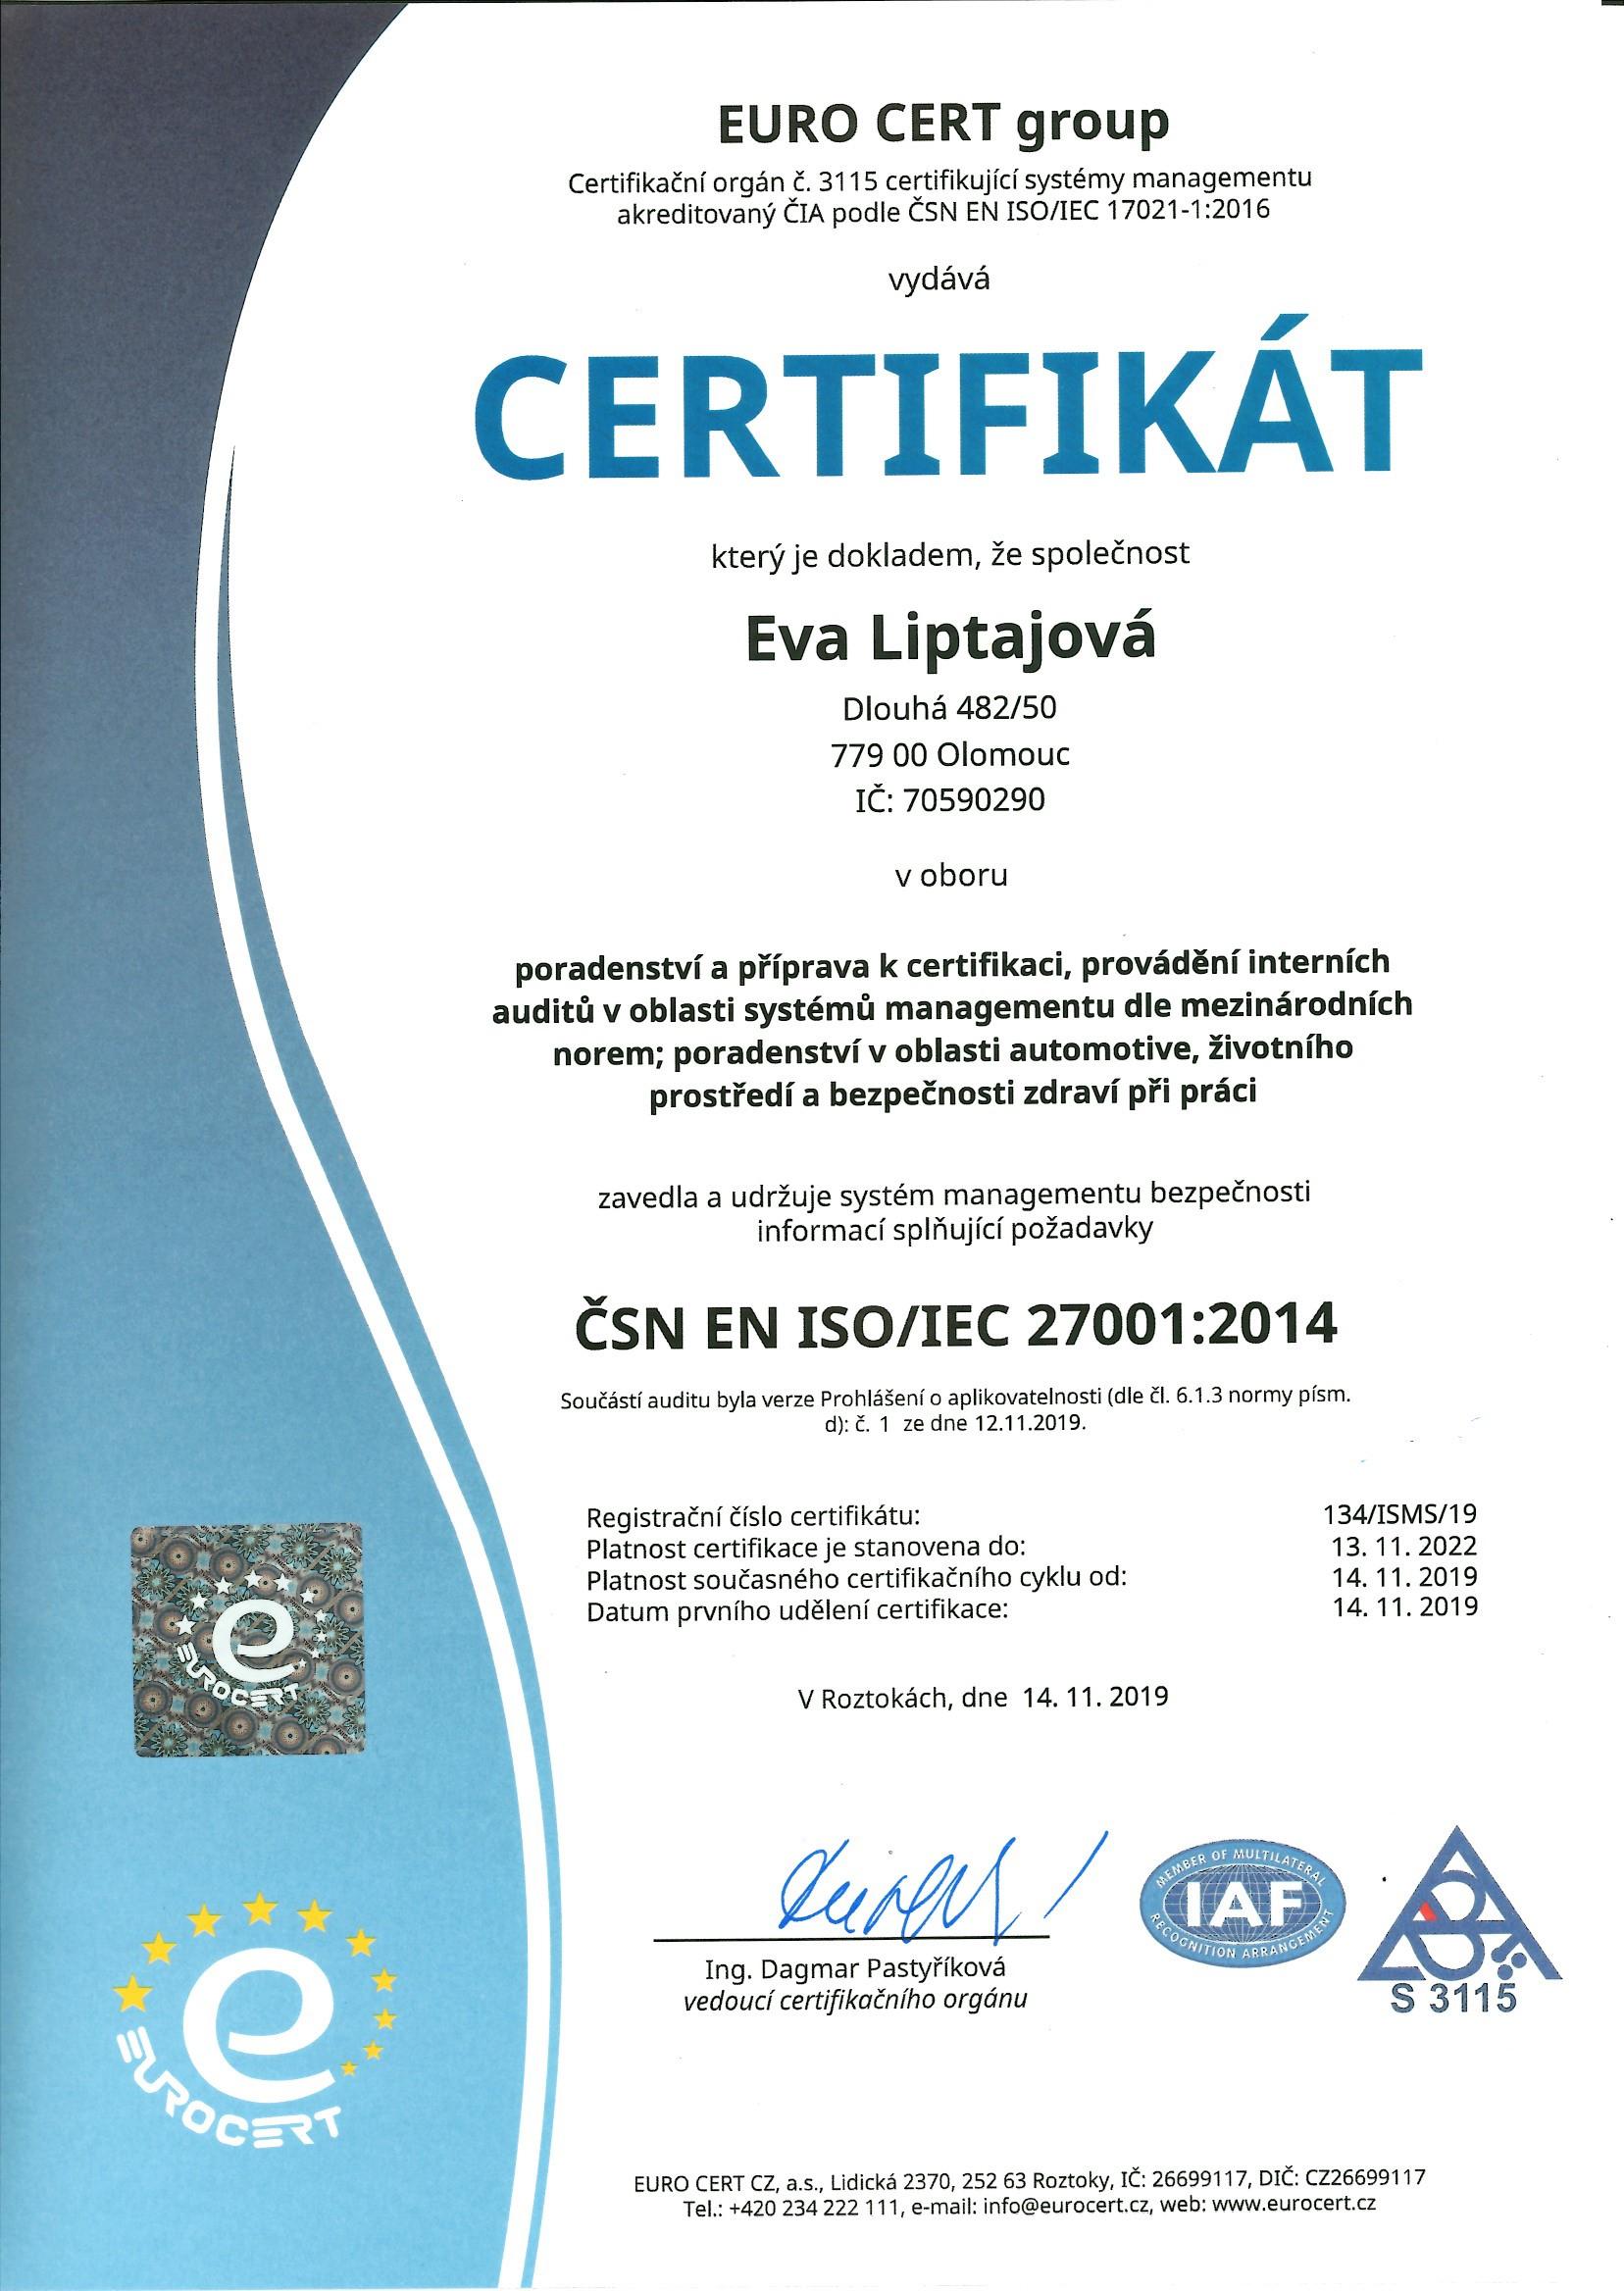 E.Liptajová ČJ ISO 27001